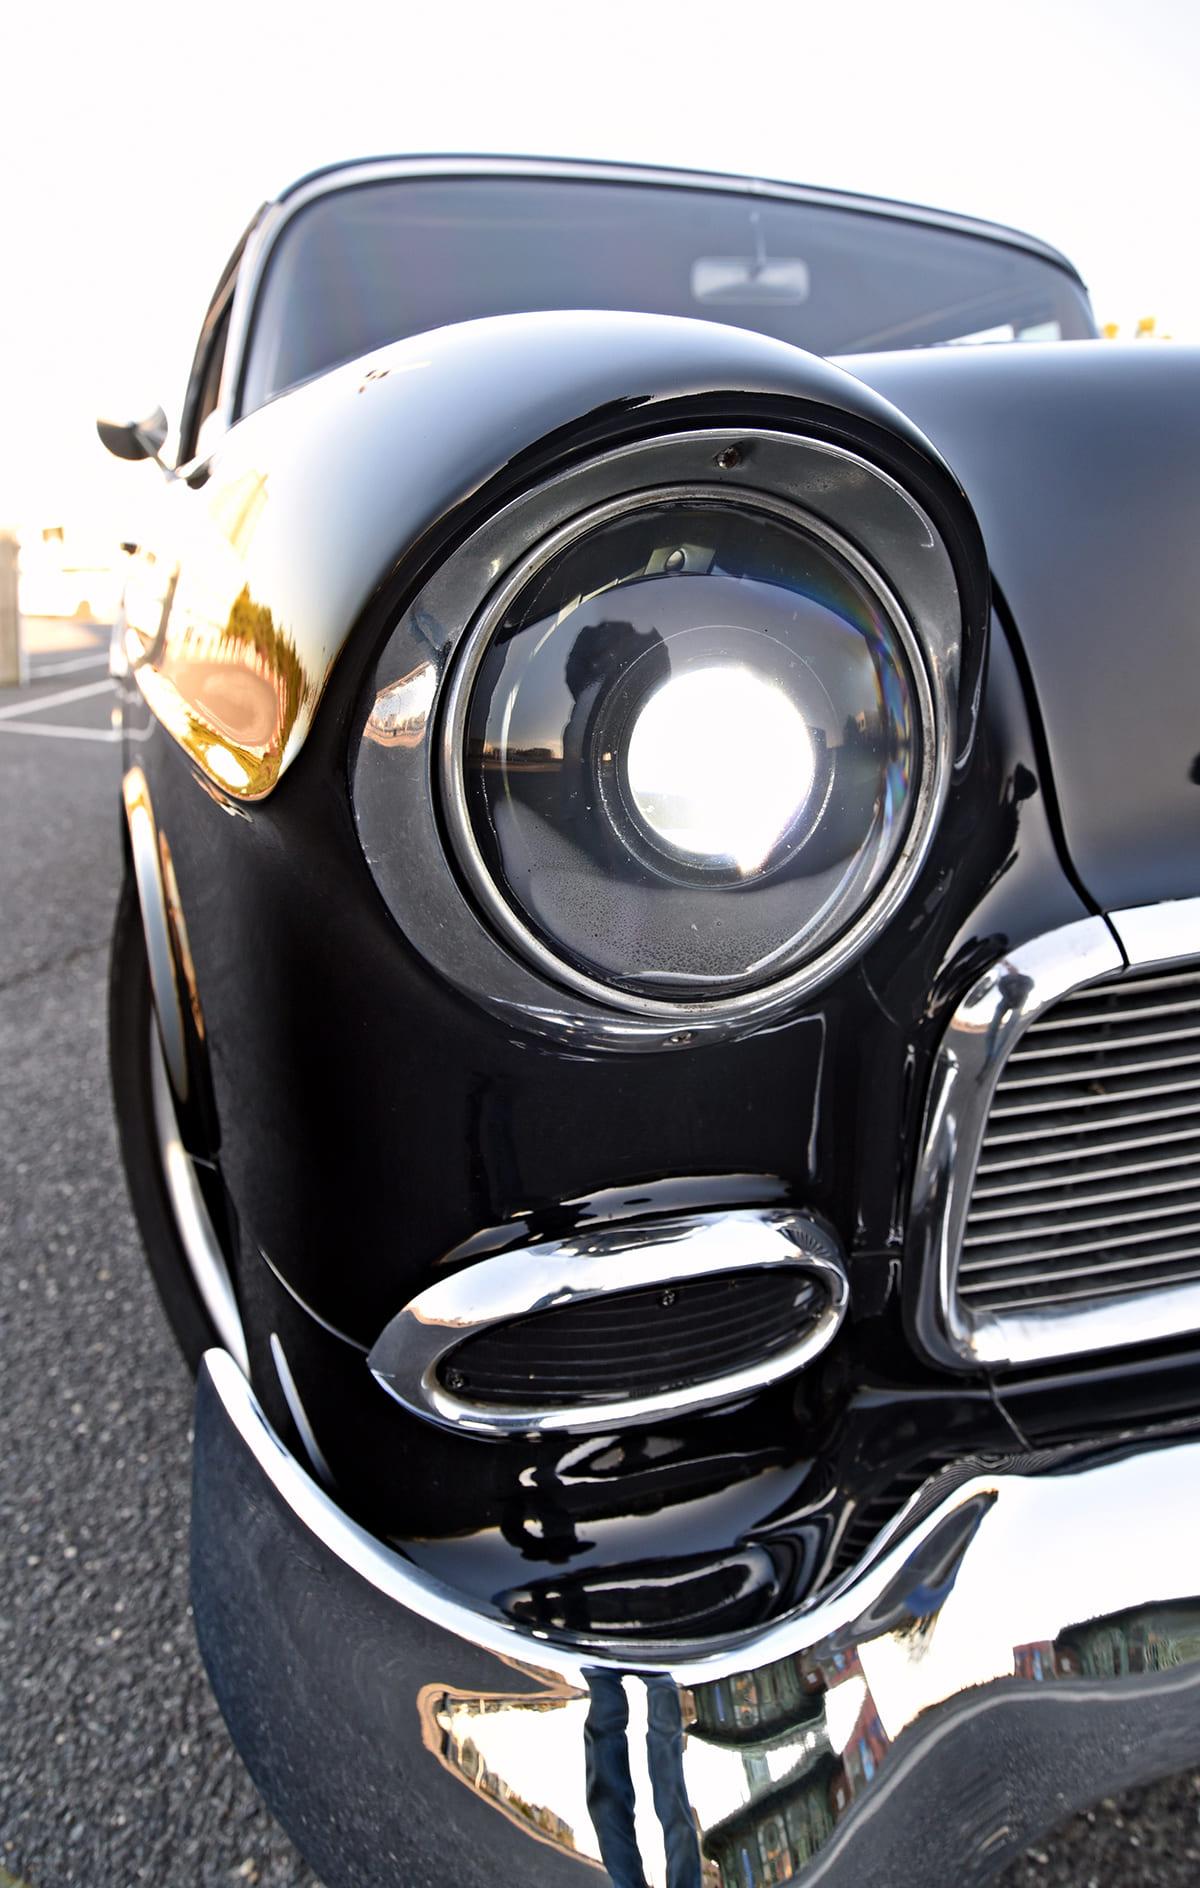 012-black-1955-chevy-restomod